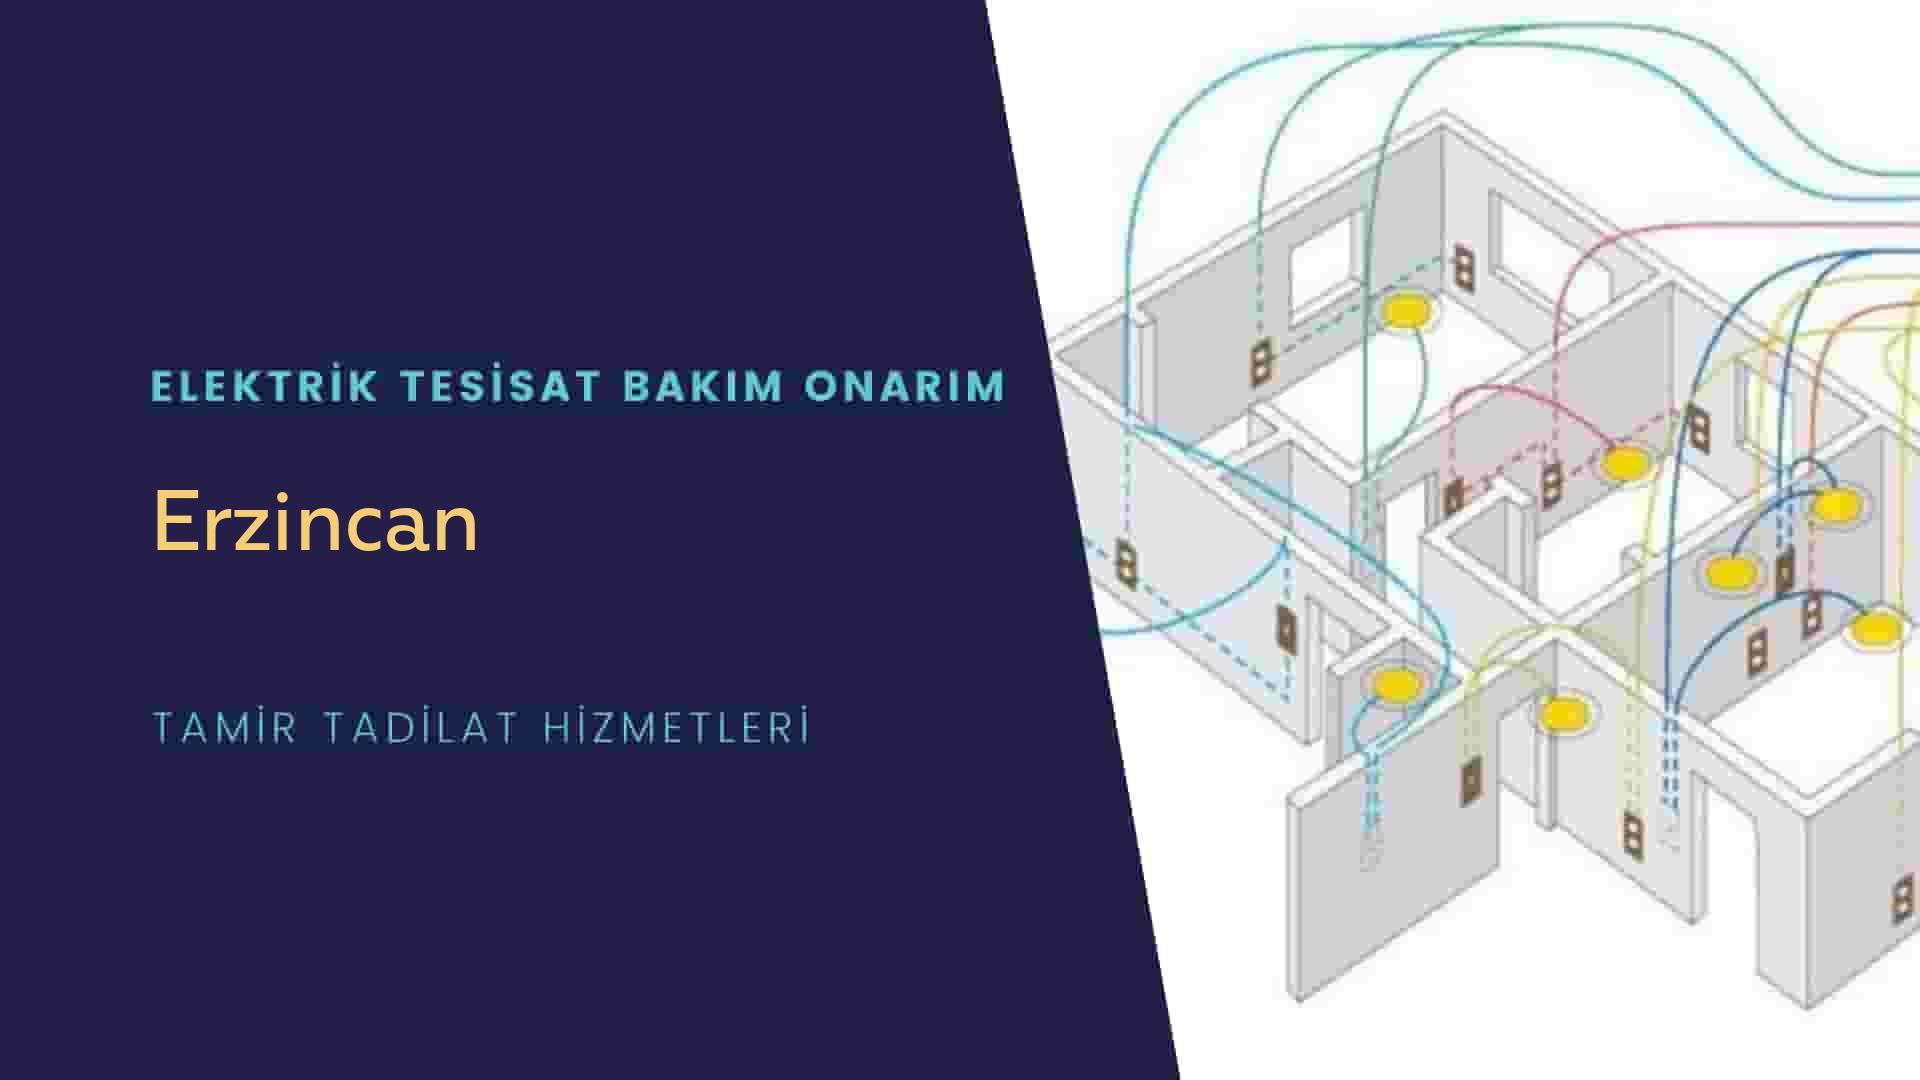 Erzincan'da elektrik tesisatıustalarımı arıyorsunuz doğru adrestenizi Erzincan elektrik tesisatı ustalarımız 7/24 sizlere hizmet vermekten mutluluk duyar.